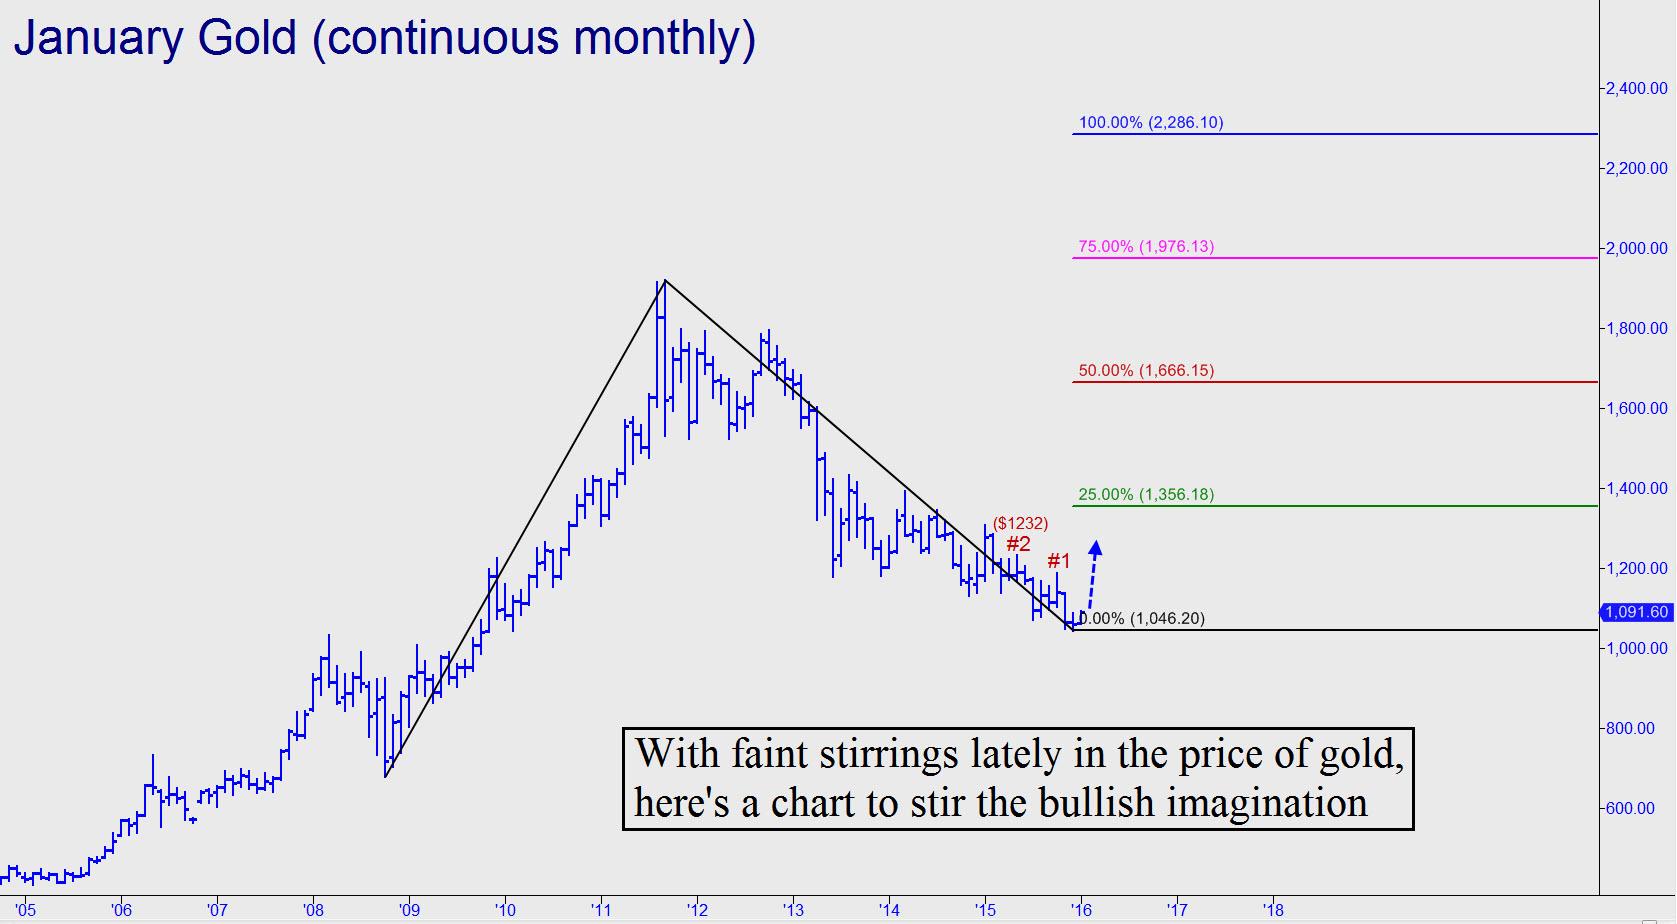 prix de l'or, de l'argent et des minières / suivi 2015 et ultérieurement - Page 5 Faint-stirrings-in-gold